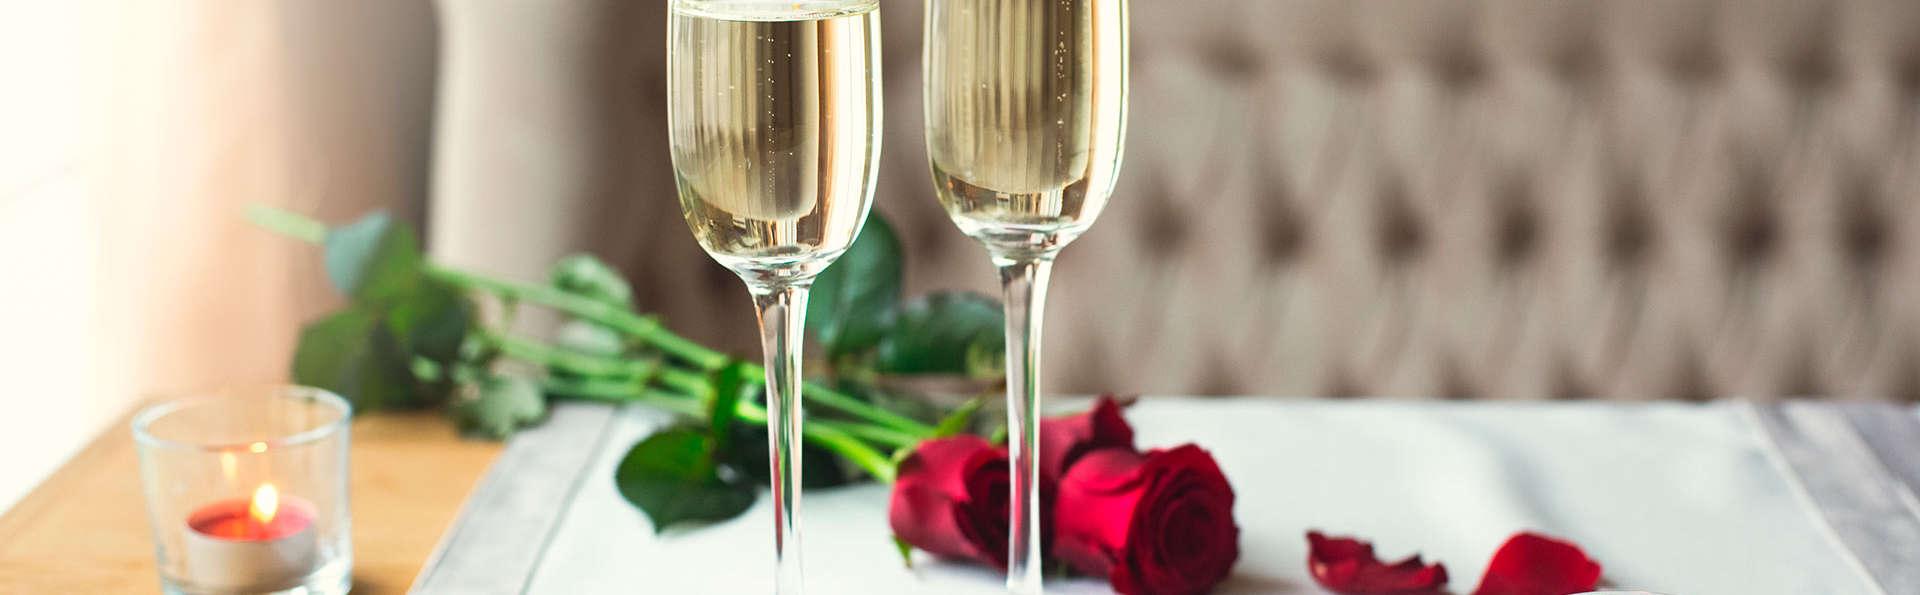 Escapade amoureuse pour la Saint-Valentin